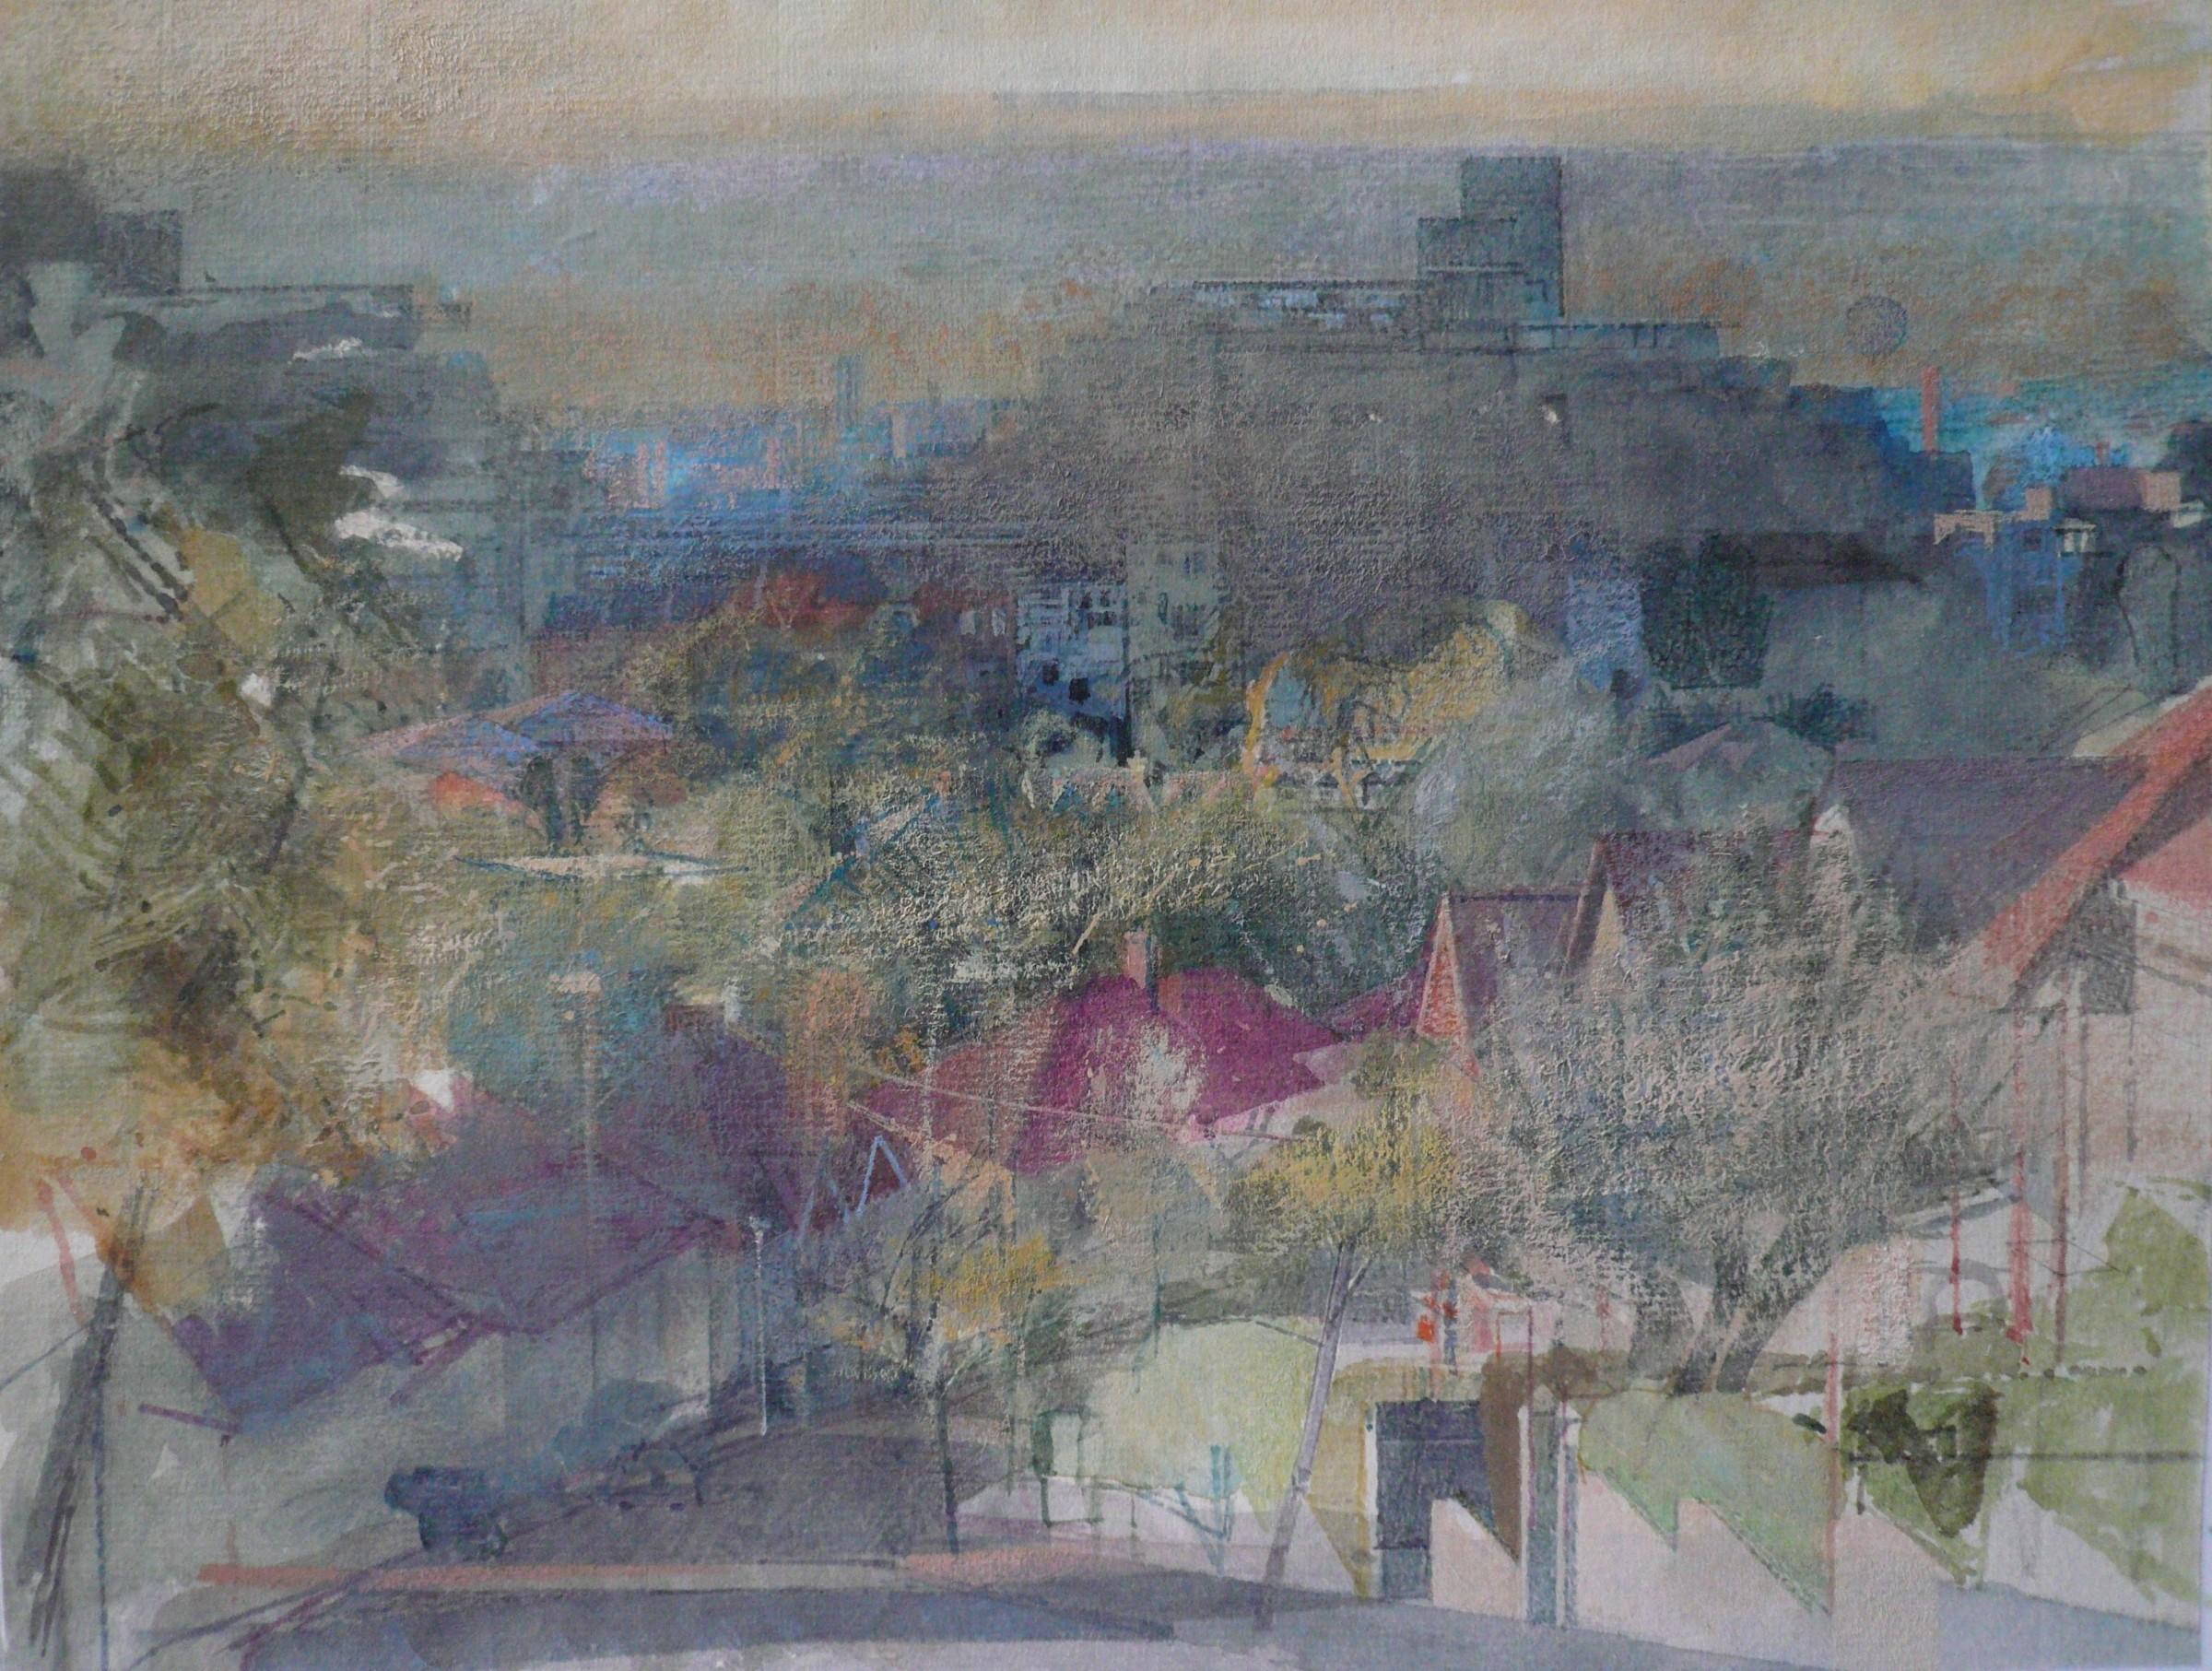 <span class=&#34;link fancybox-details-link&#34;><a href=&#34;/artists/87-paul-newland/works/9572-paul-newland-london-evening/&#34;>View Detail Page</a></span><div class=&#34;artist&#34;><span class=&#34;artist&#34;><strong>Paul Newland</strong></span></div><div class=&#34;title&#34;><em>London Evening</em></div><div class=&#34;medium&#34;>watercolour</div>